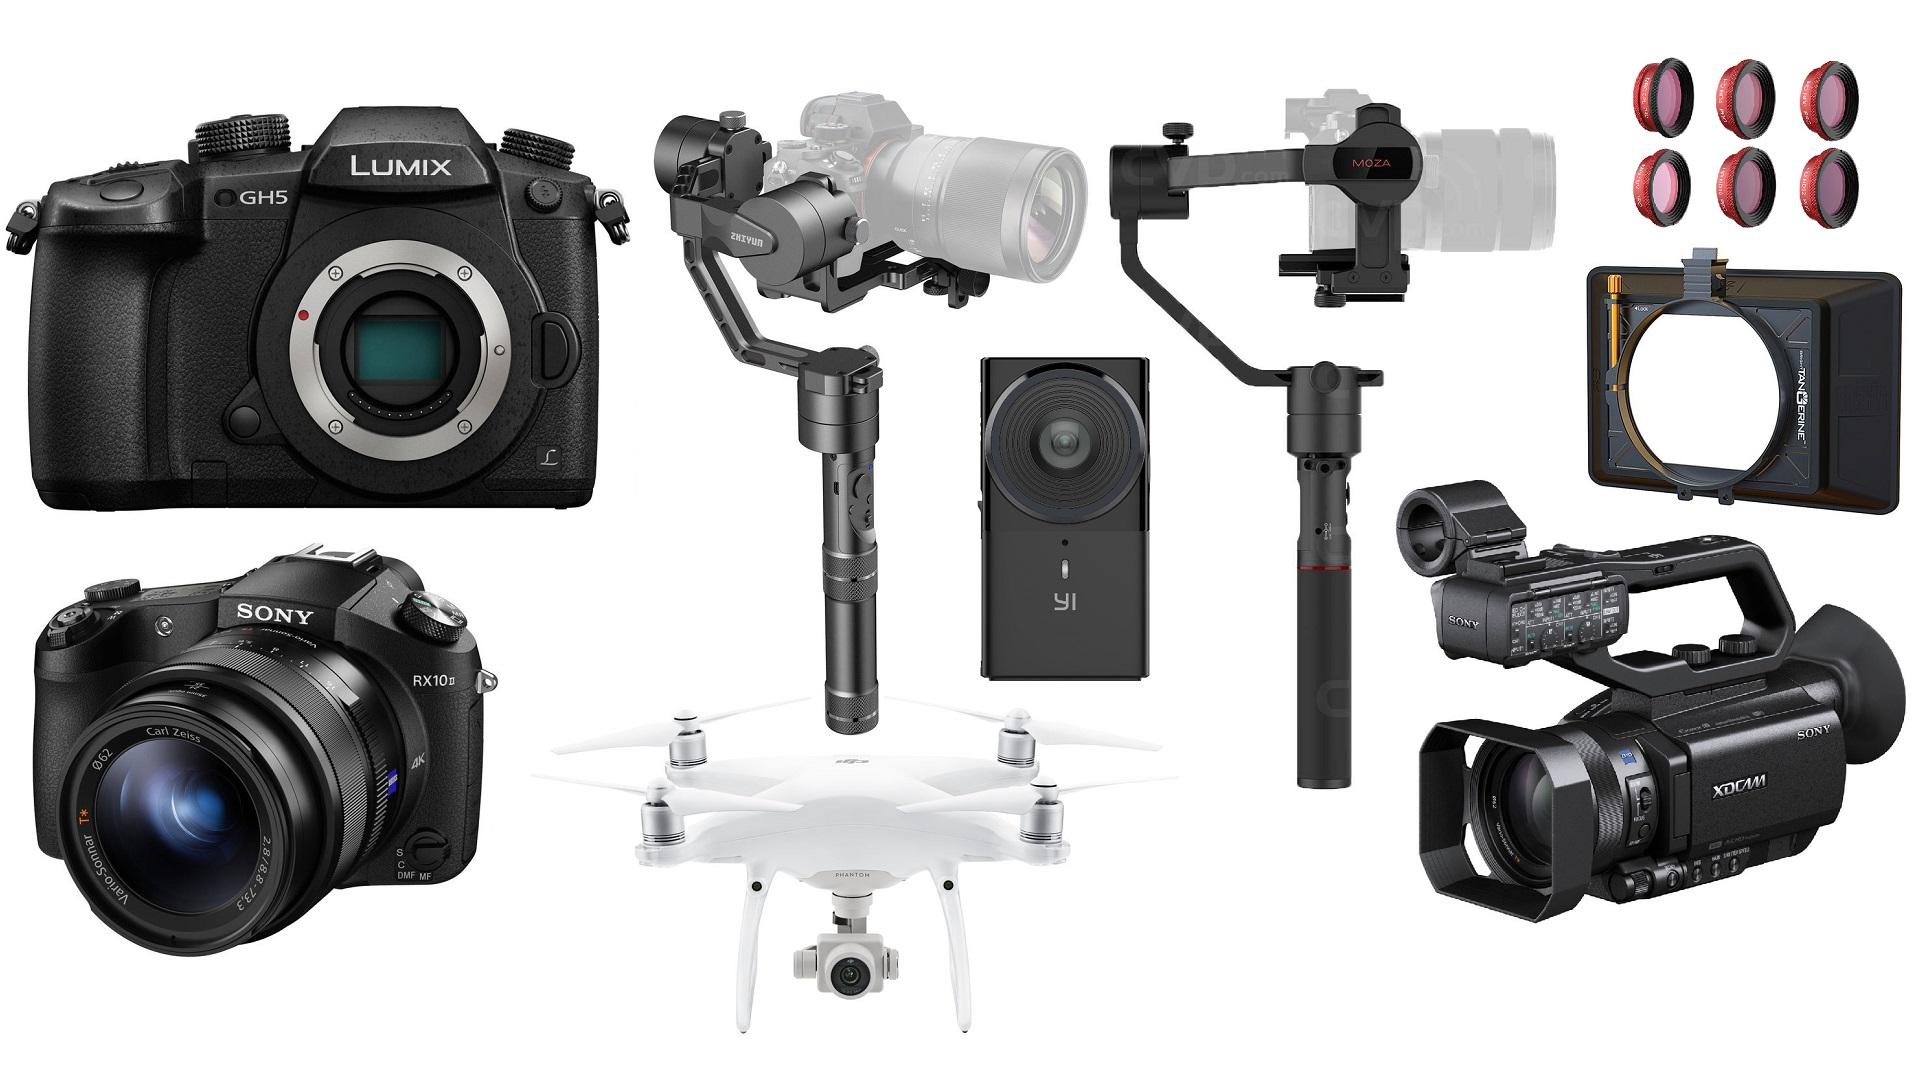 Las 10 mejores ofertas para cineastas de esta semana – DJI Phantom 4, GH5, Sony RX10 II, gimbals y más